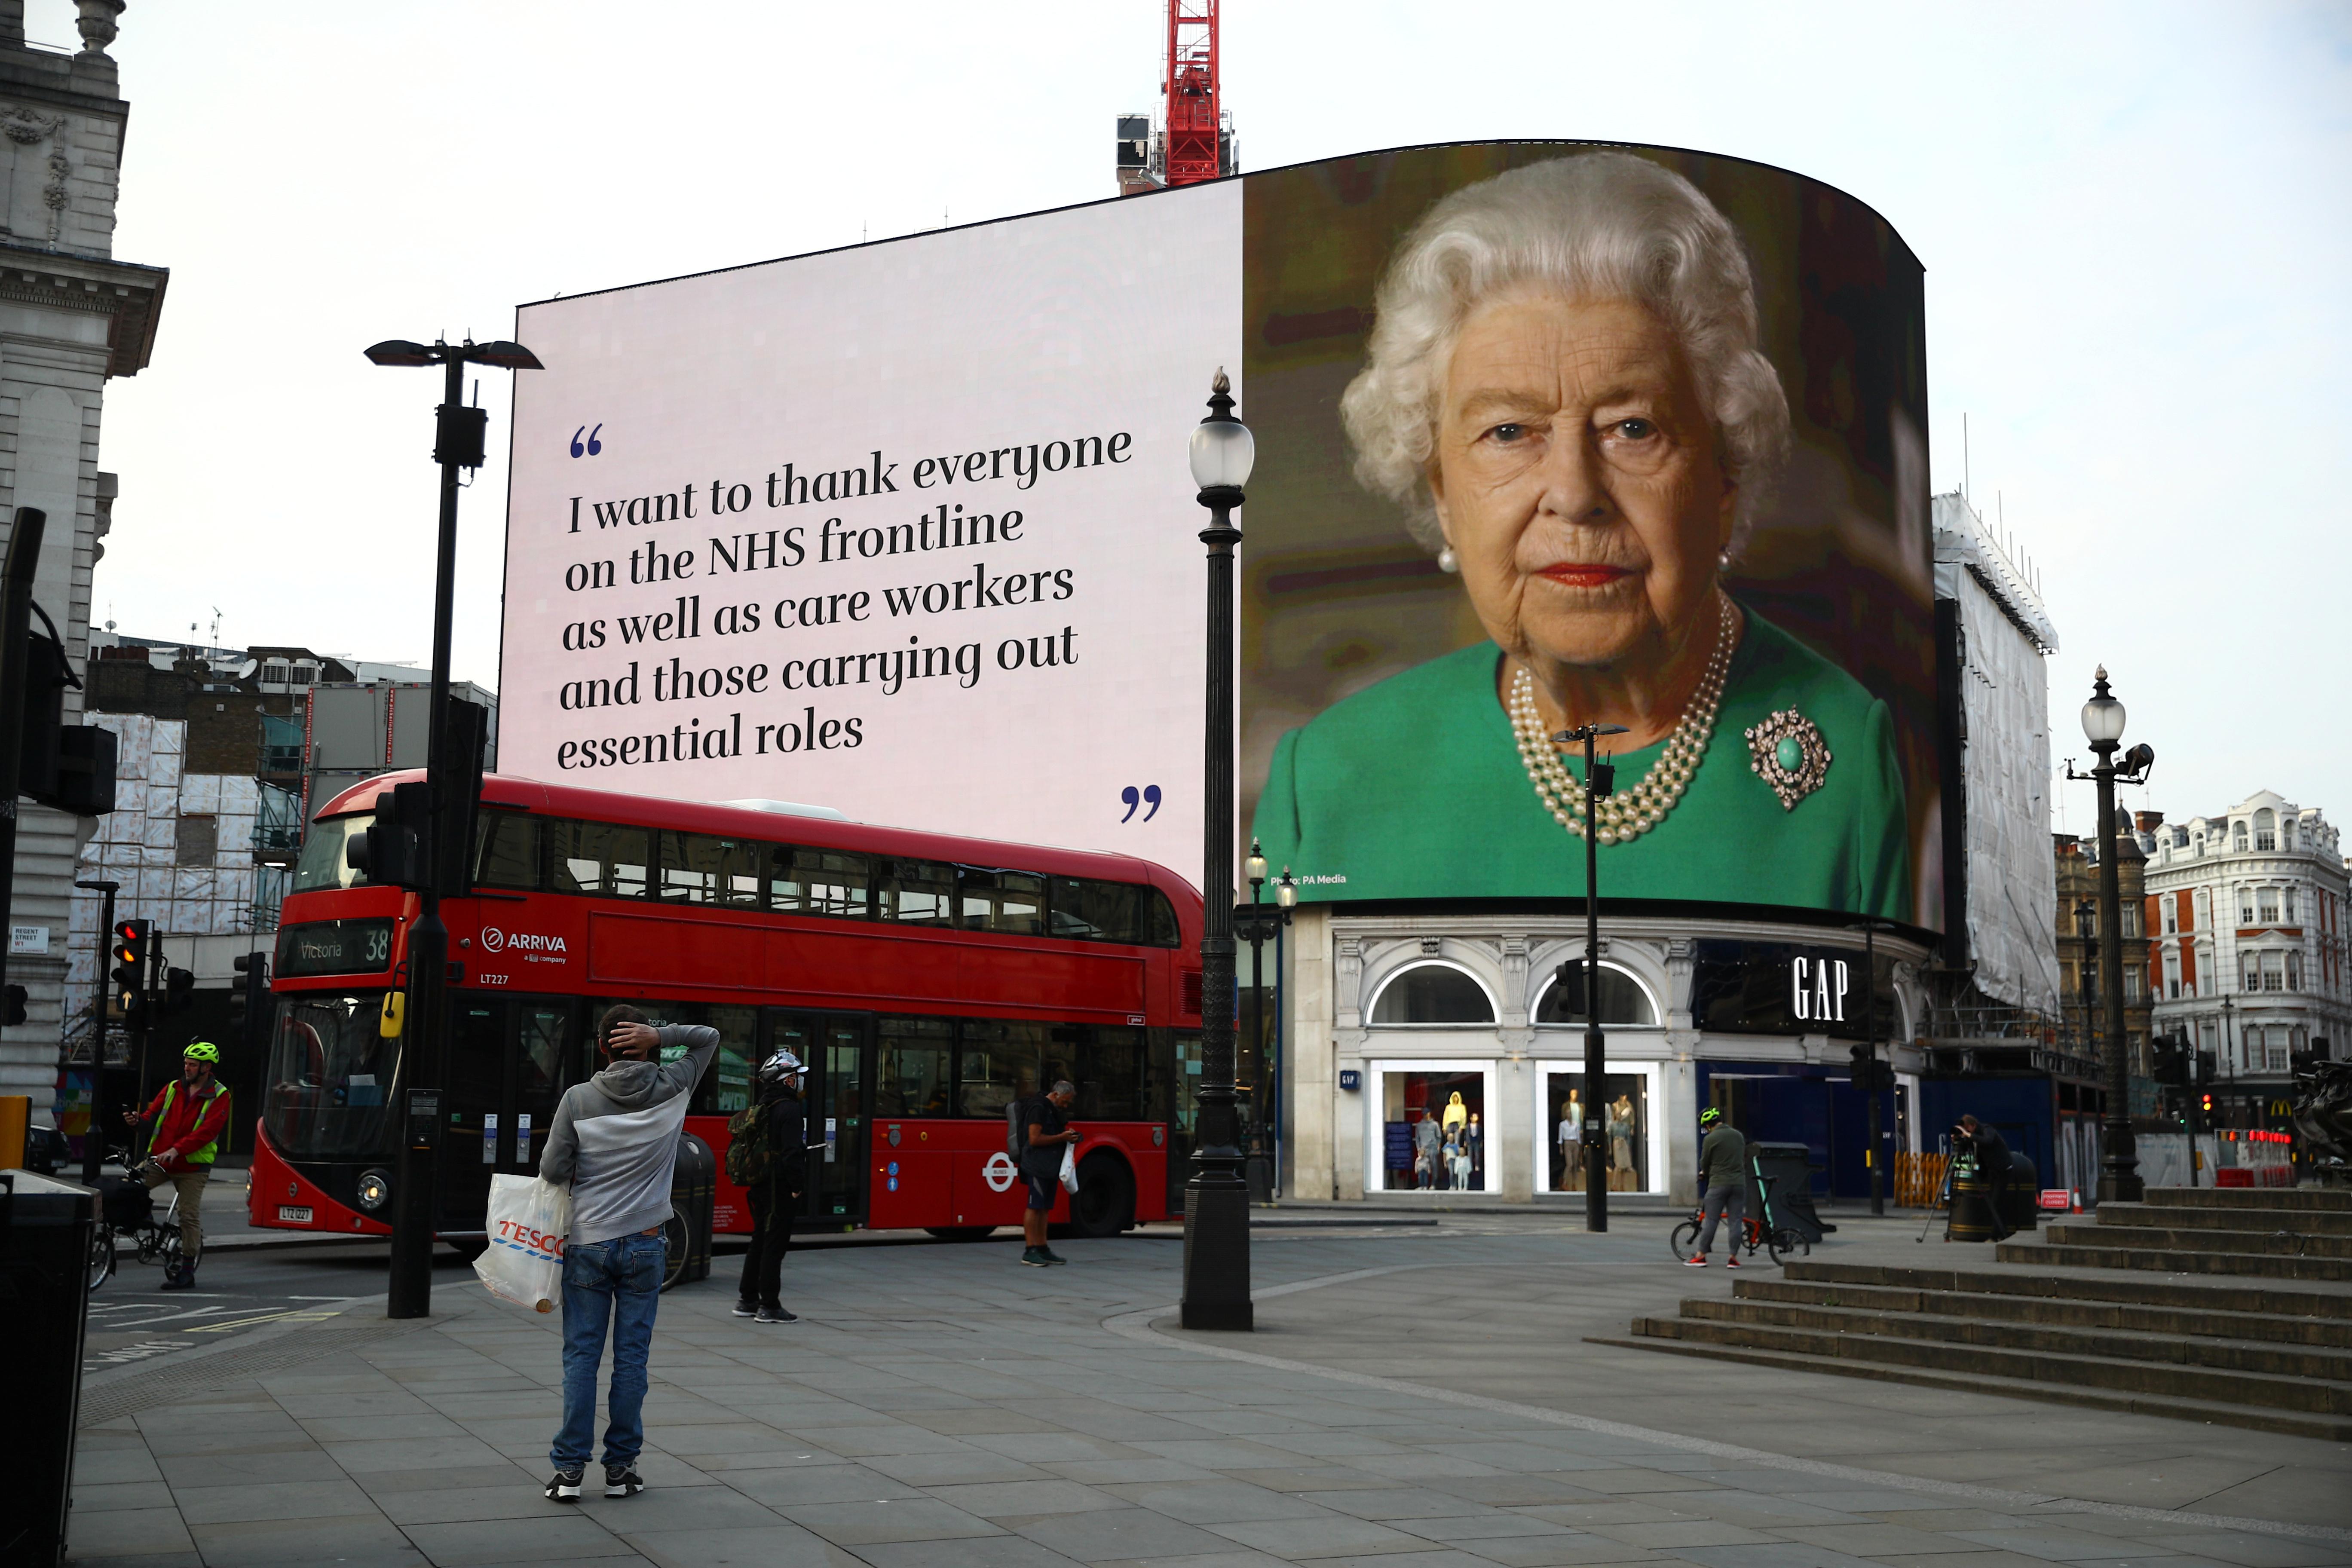 93岁的英国女王伊丽莎白二世周六首度发表复活节谈话,鼓励民众一定能战胜疫情。图为伊丽莎白二世5日透过电视转播演说。-路透社-